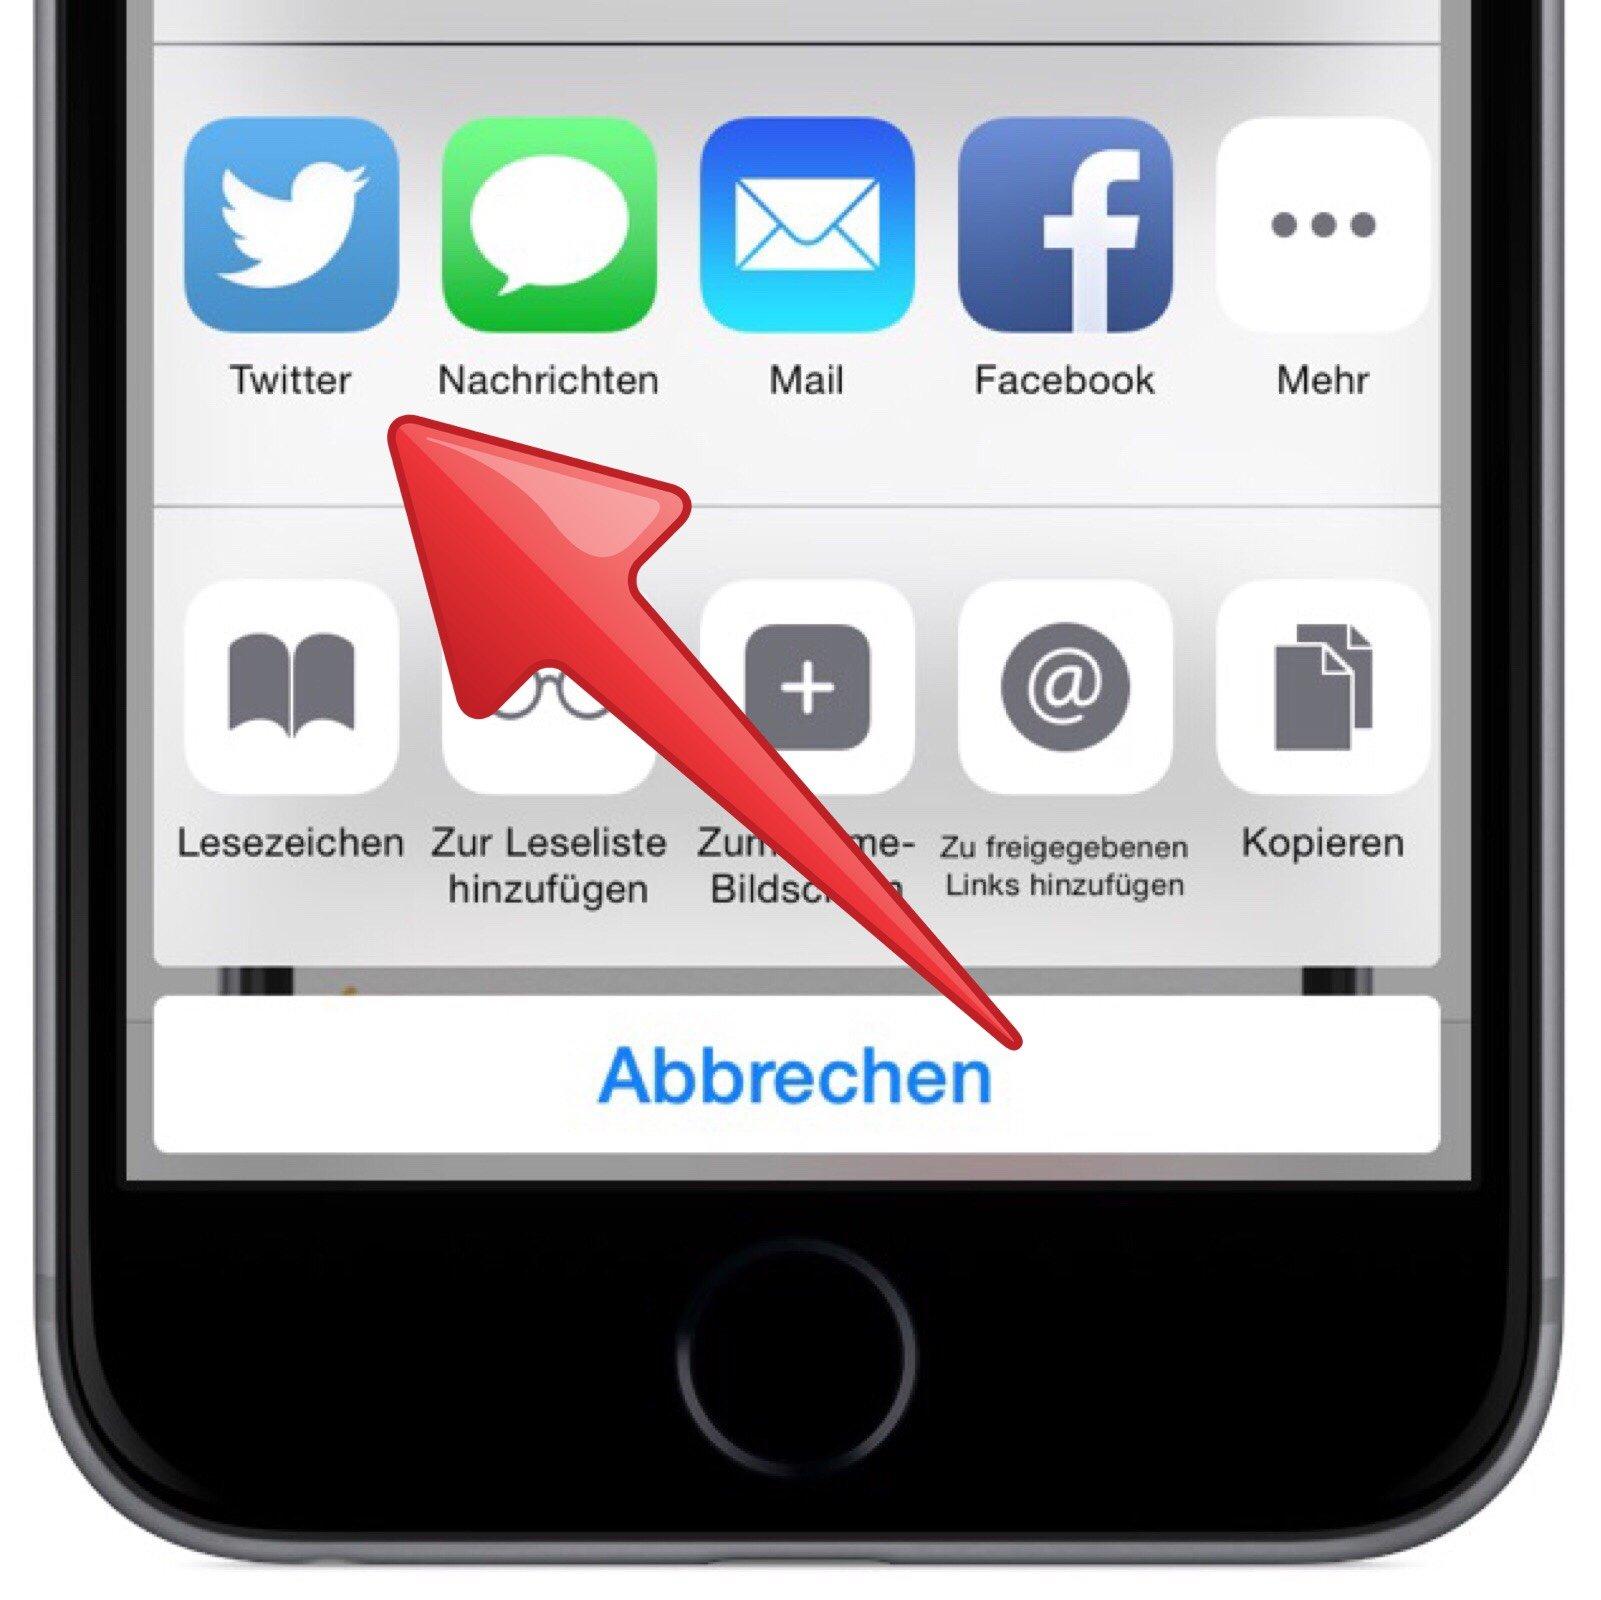 iPhone-kontextabhängig-situationsabhängig-Aktion-Symbol-Menü-Twitter-Facebook-drucken-Nachrichten-Mail-Lesezeichen-2.jpg